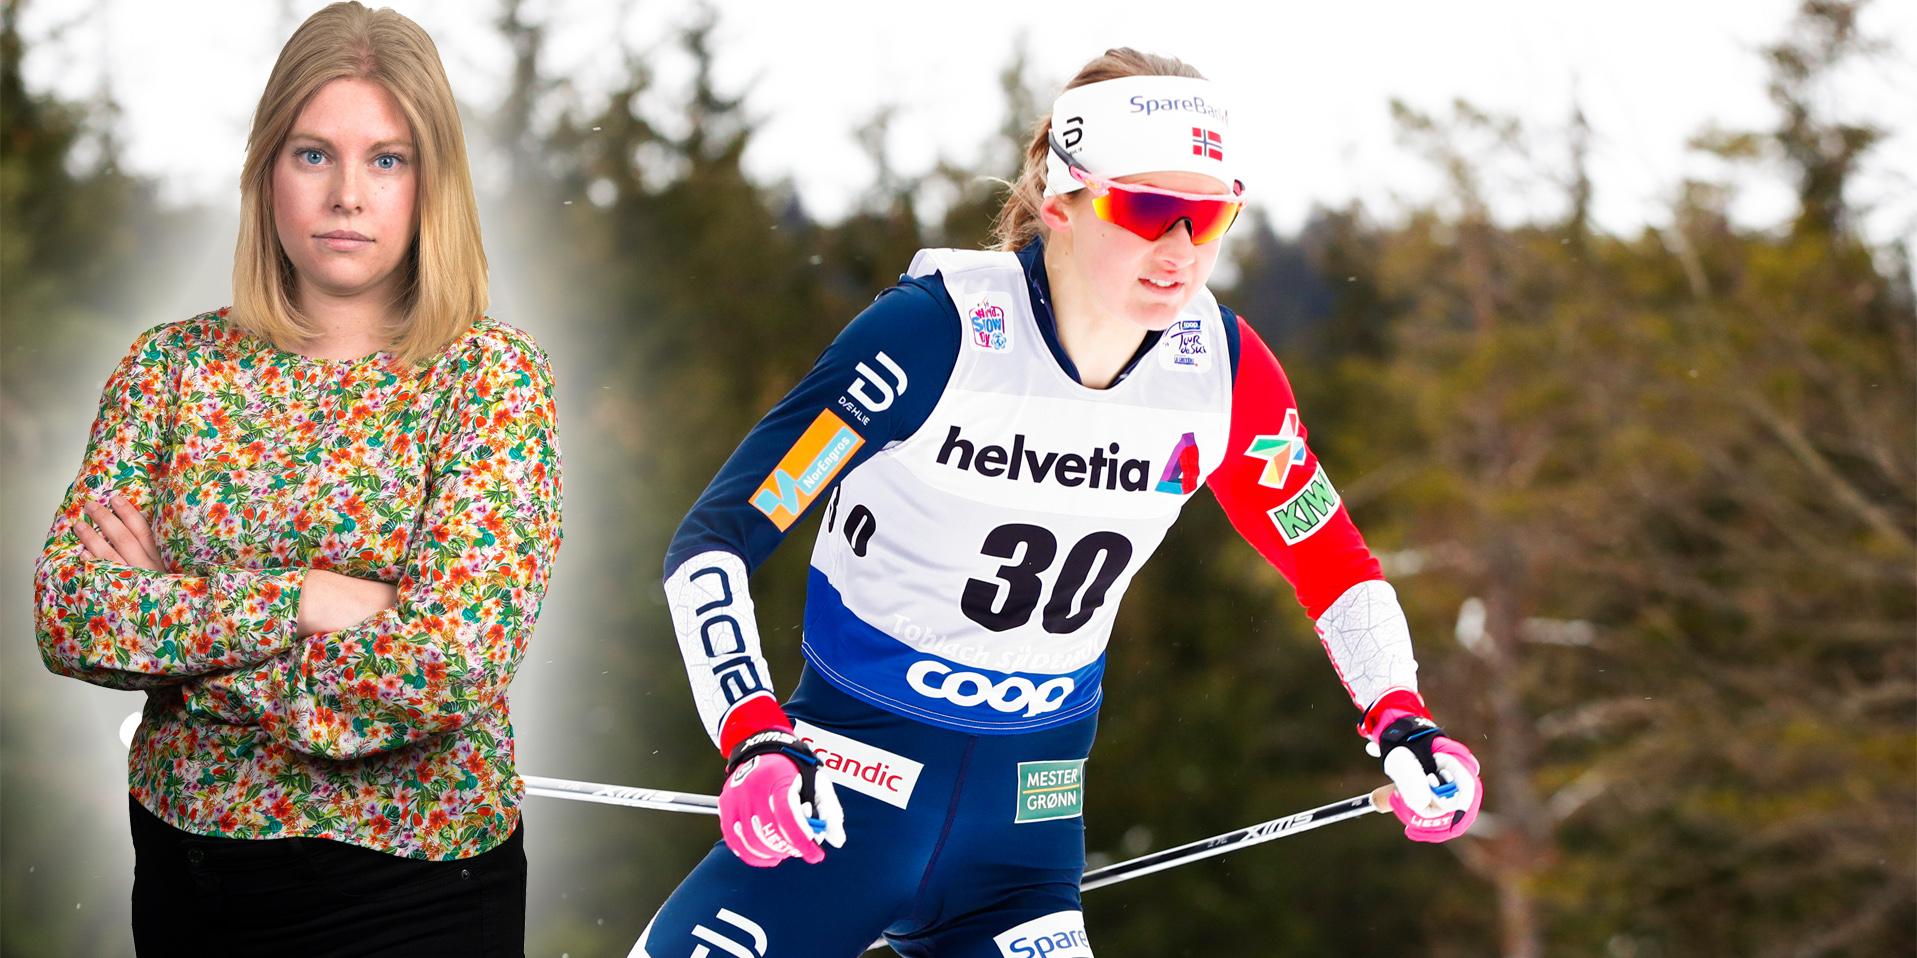 Fem svenskar i k 1 ringen